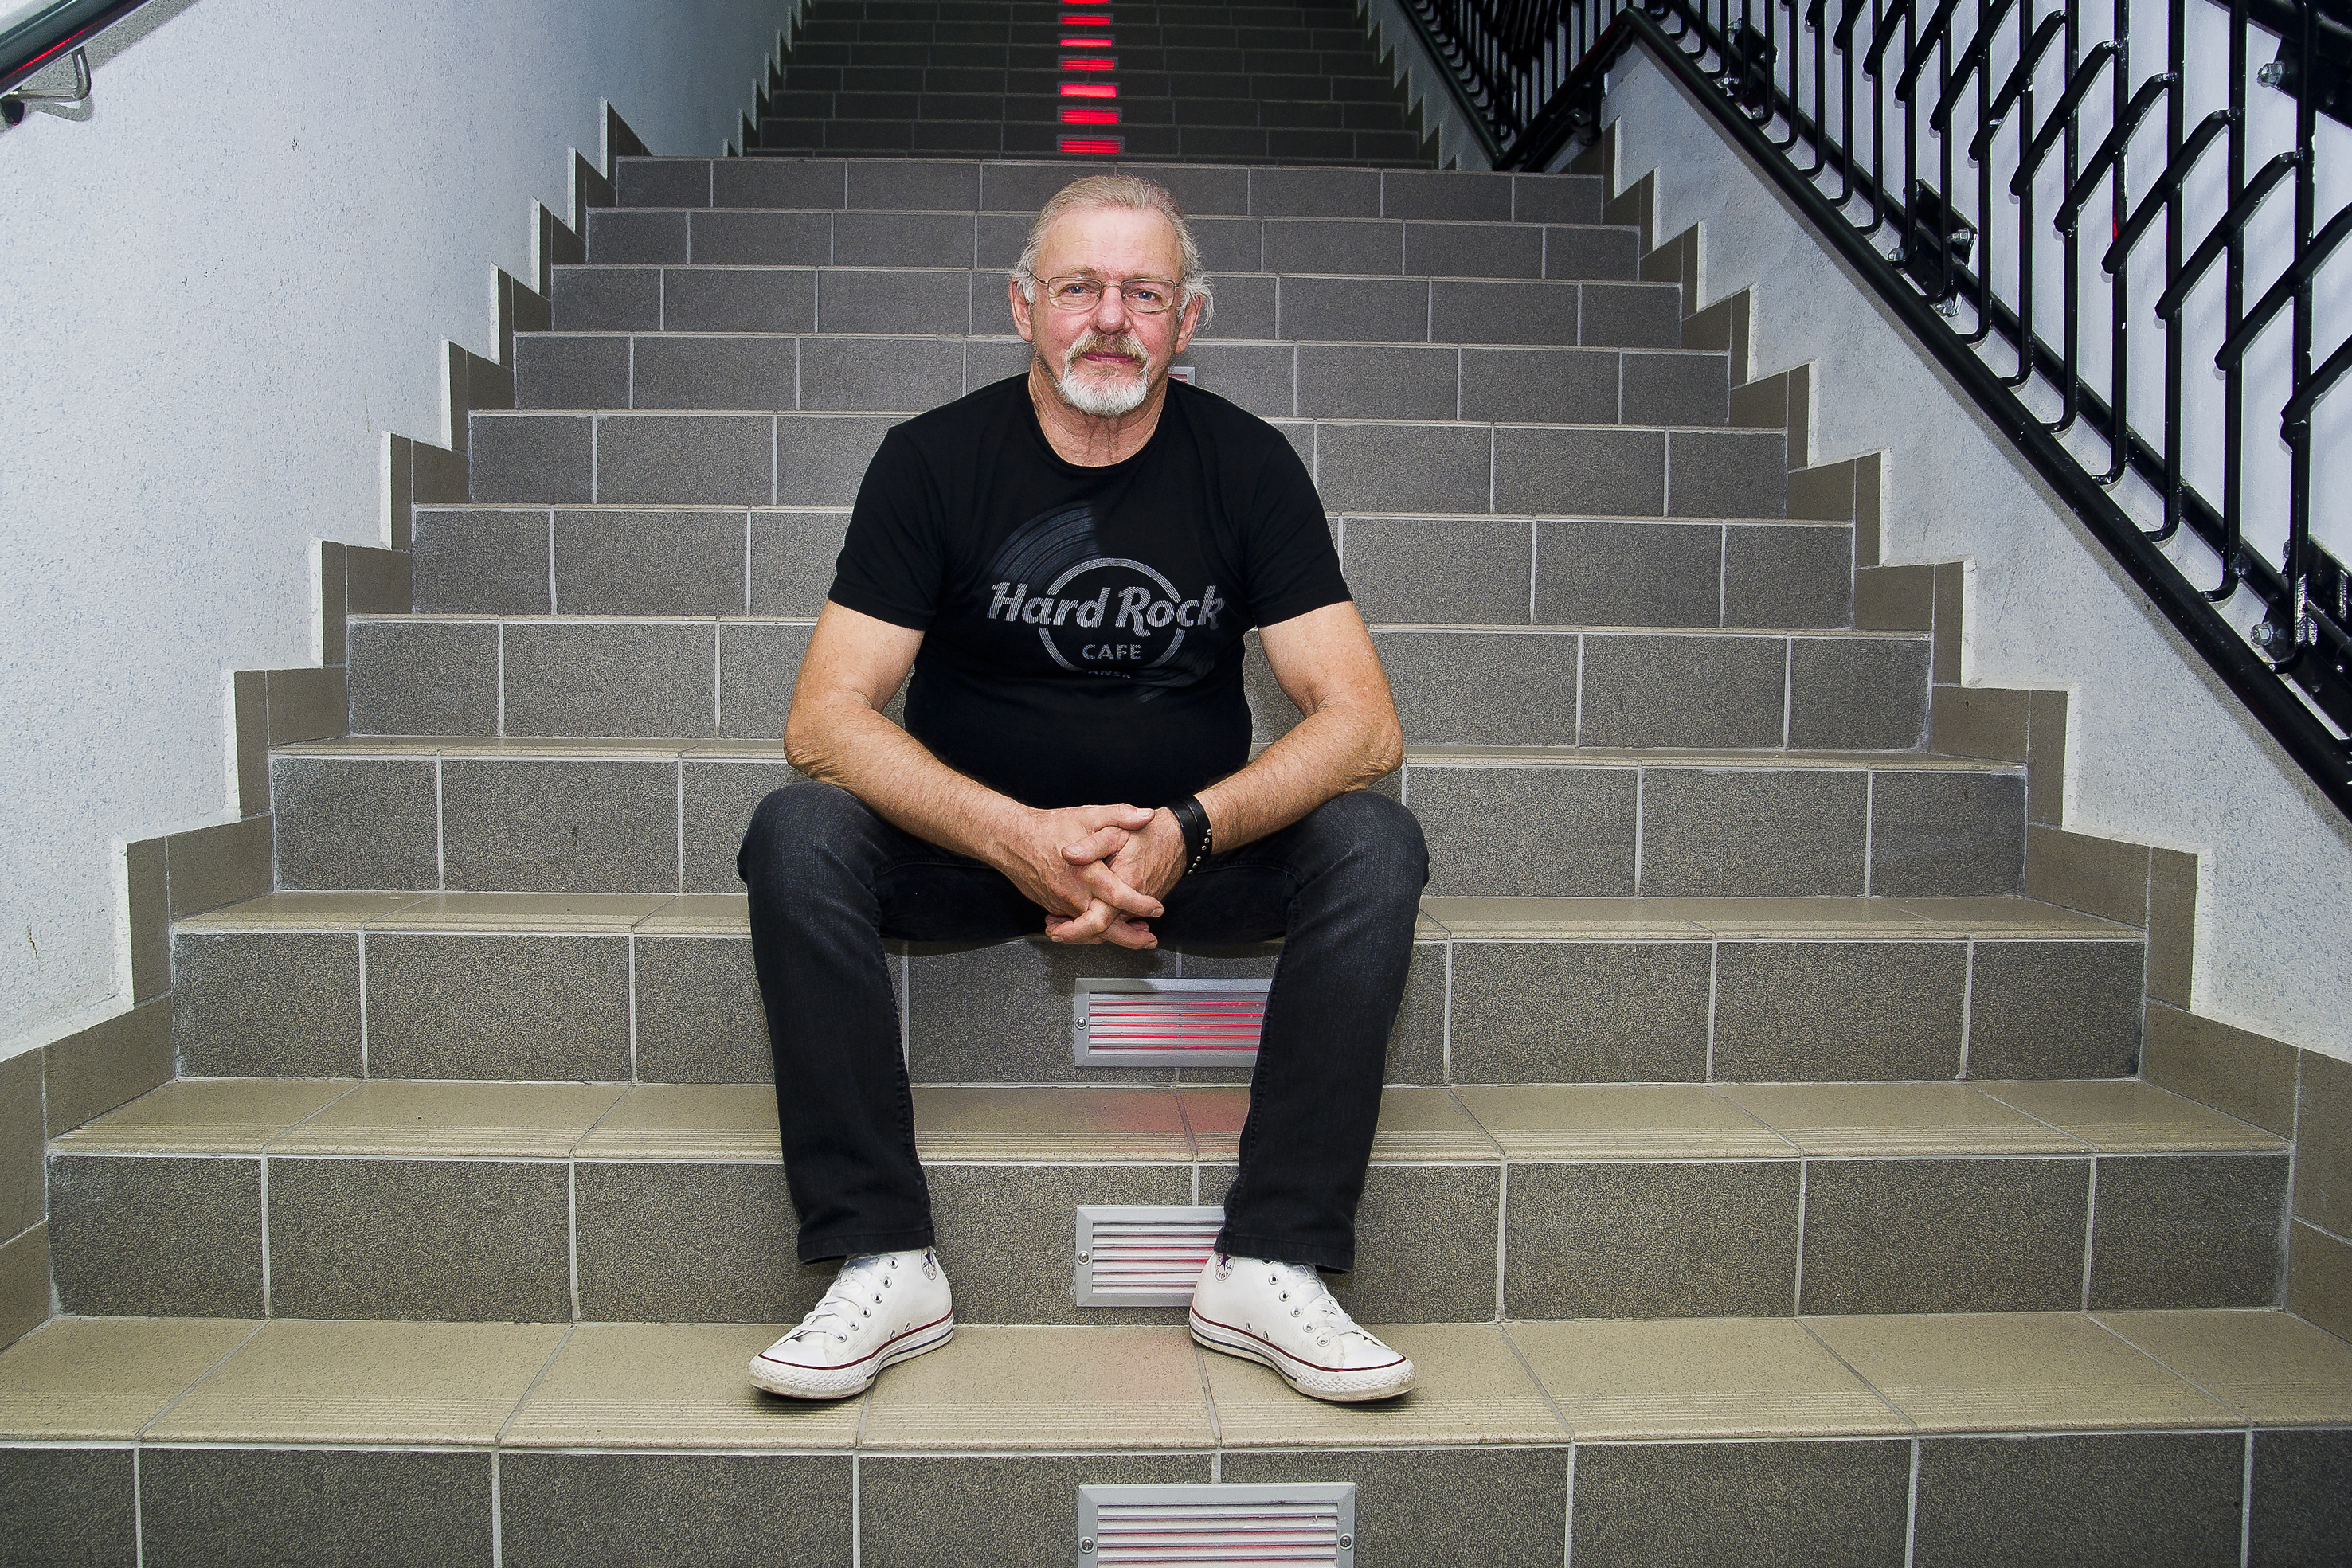 Ponad 50 lat na scenie! Rozmawiamy z Jerzym Skrzypczykiem, perkusistą Czerwonych Gitar